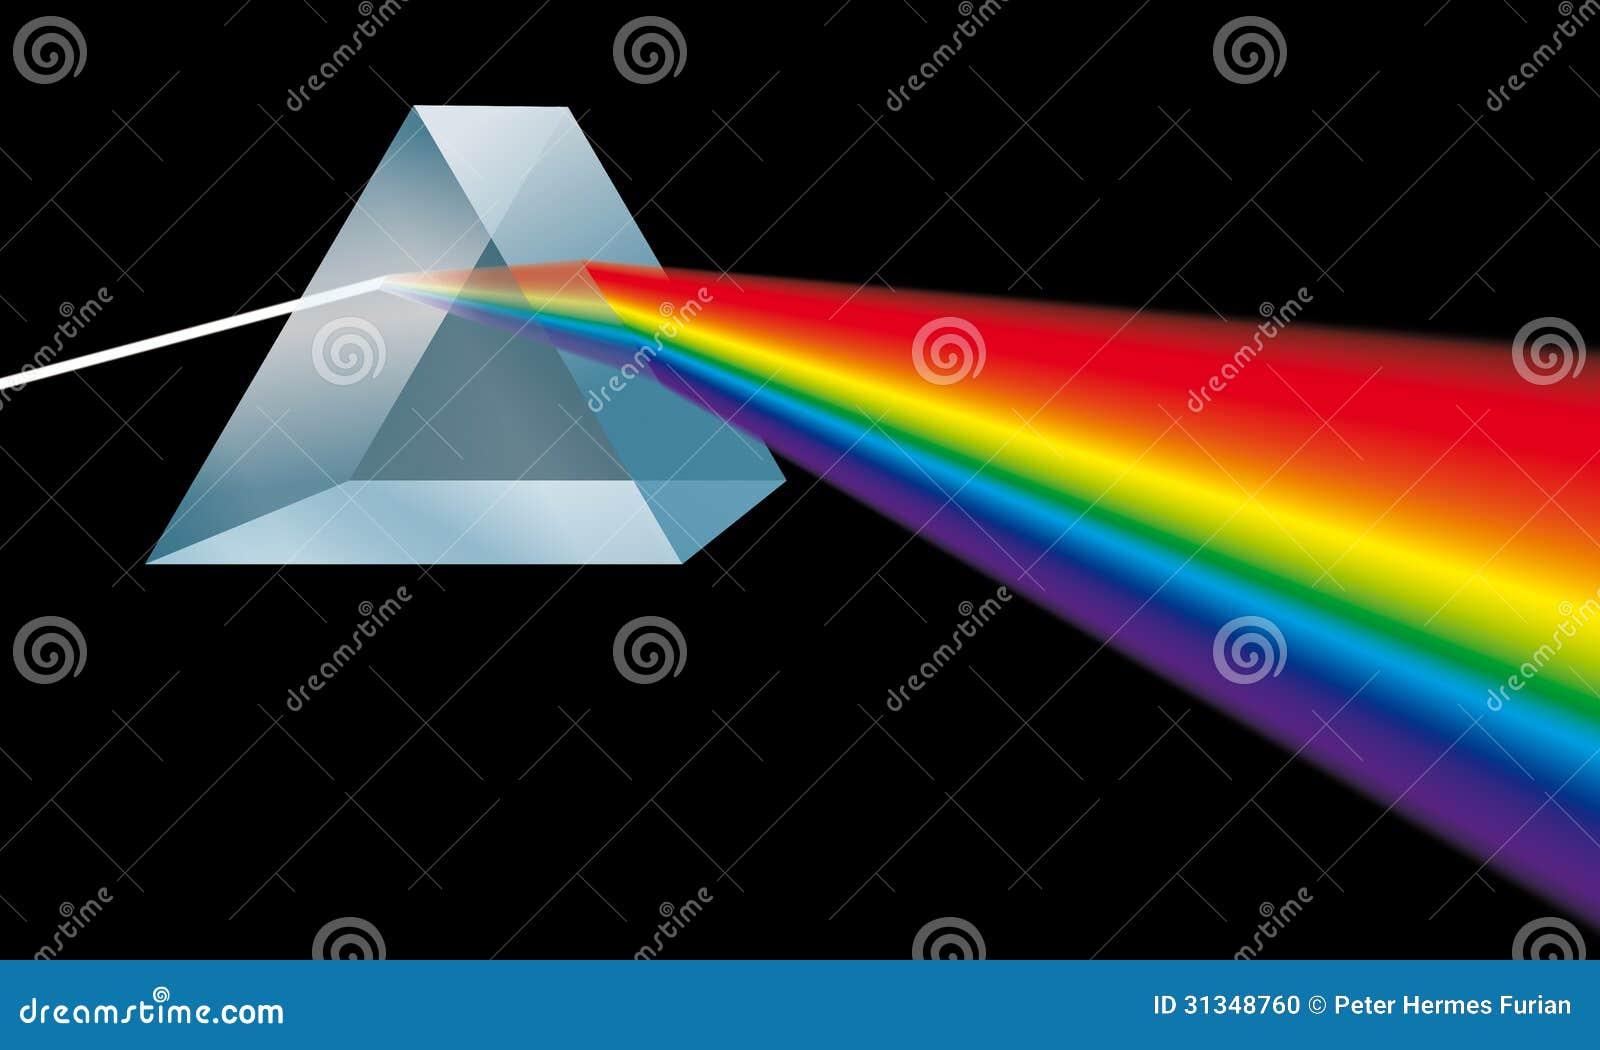 La prisma triangular rompe la luz en colores espectrales